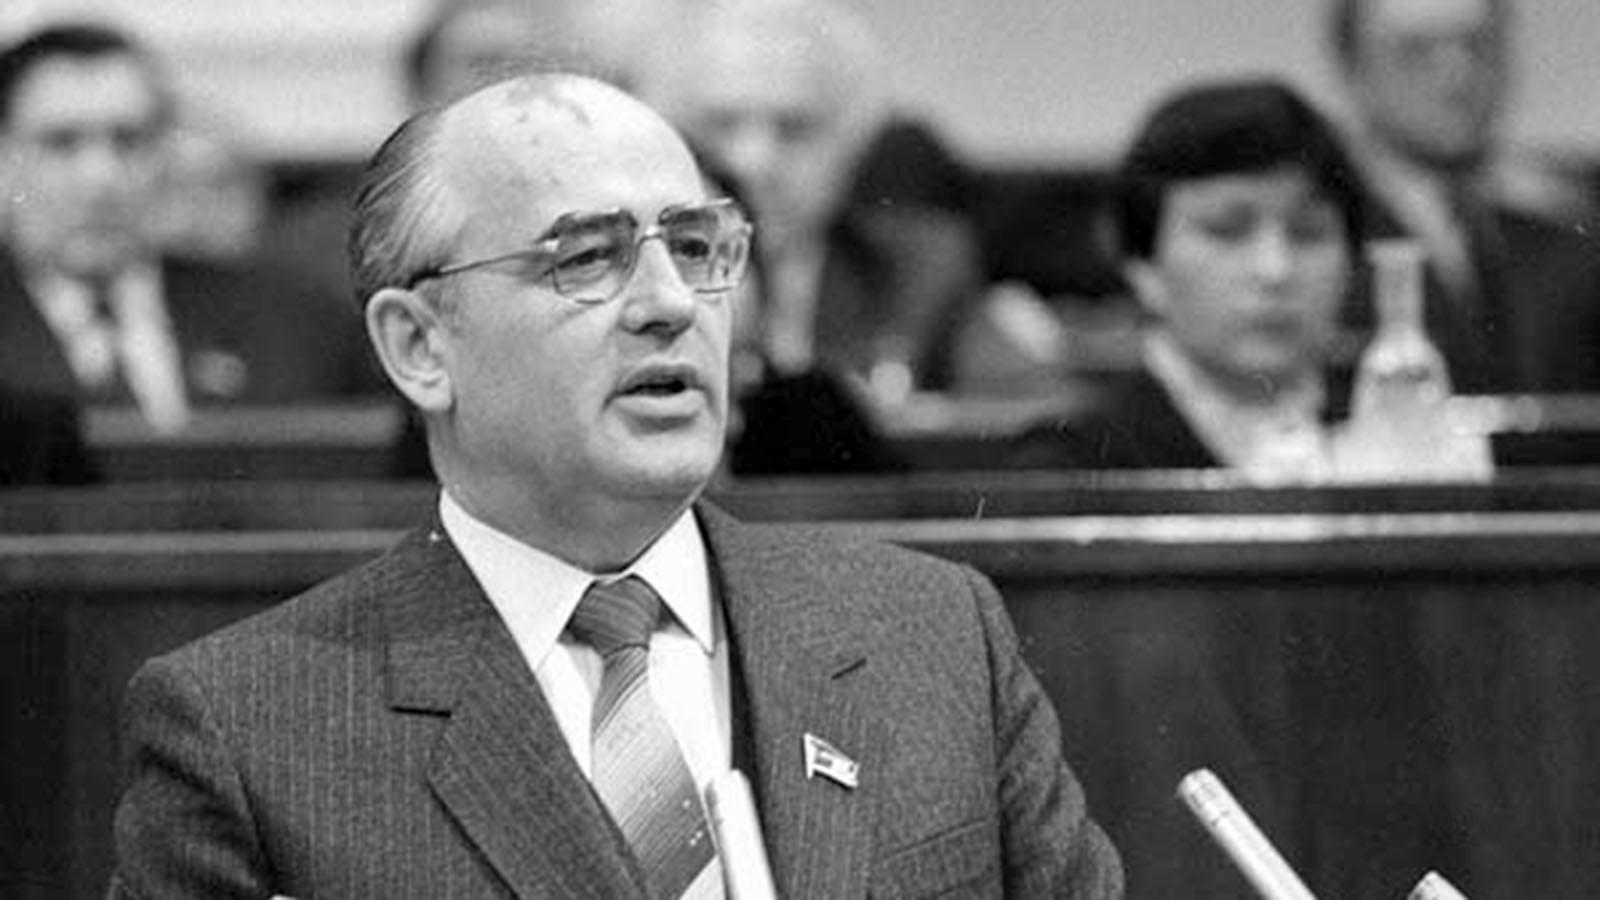 Переход 11 марта 1985 года власти в стране к Михаилу Горбачеву ознаменовал поворот к новой политике, получившей название «перестройка». То, что «так жить нельзя» и что «наш поезд в огне», было ясно и Юрию Андропову, который сменил в 1982-м на посту генсека Леонида Брежнева. Андропов разрабатывал систему реформ в СССР, но не успел ее реализовать. Горбачев был в андроповской команде, участвовал в разработке реформ. После смерти Константина Черненко выбор советской политверхушки пал на Горбачева. Новый генеральный секретарь стал проводить политику ускорения, открытости и гласности. «Эпоха Горбачева» оказалась одним из самых сложных и драматических периодов жизни нашего государства. Она продлится с 1985 до декабря 1991 года и завершится распадом Советского Союза.